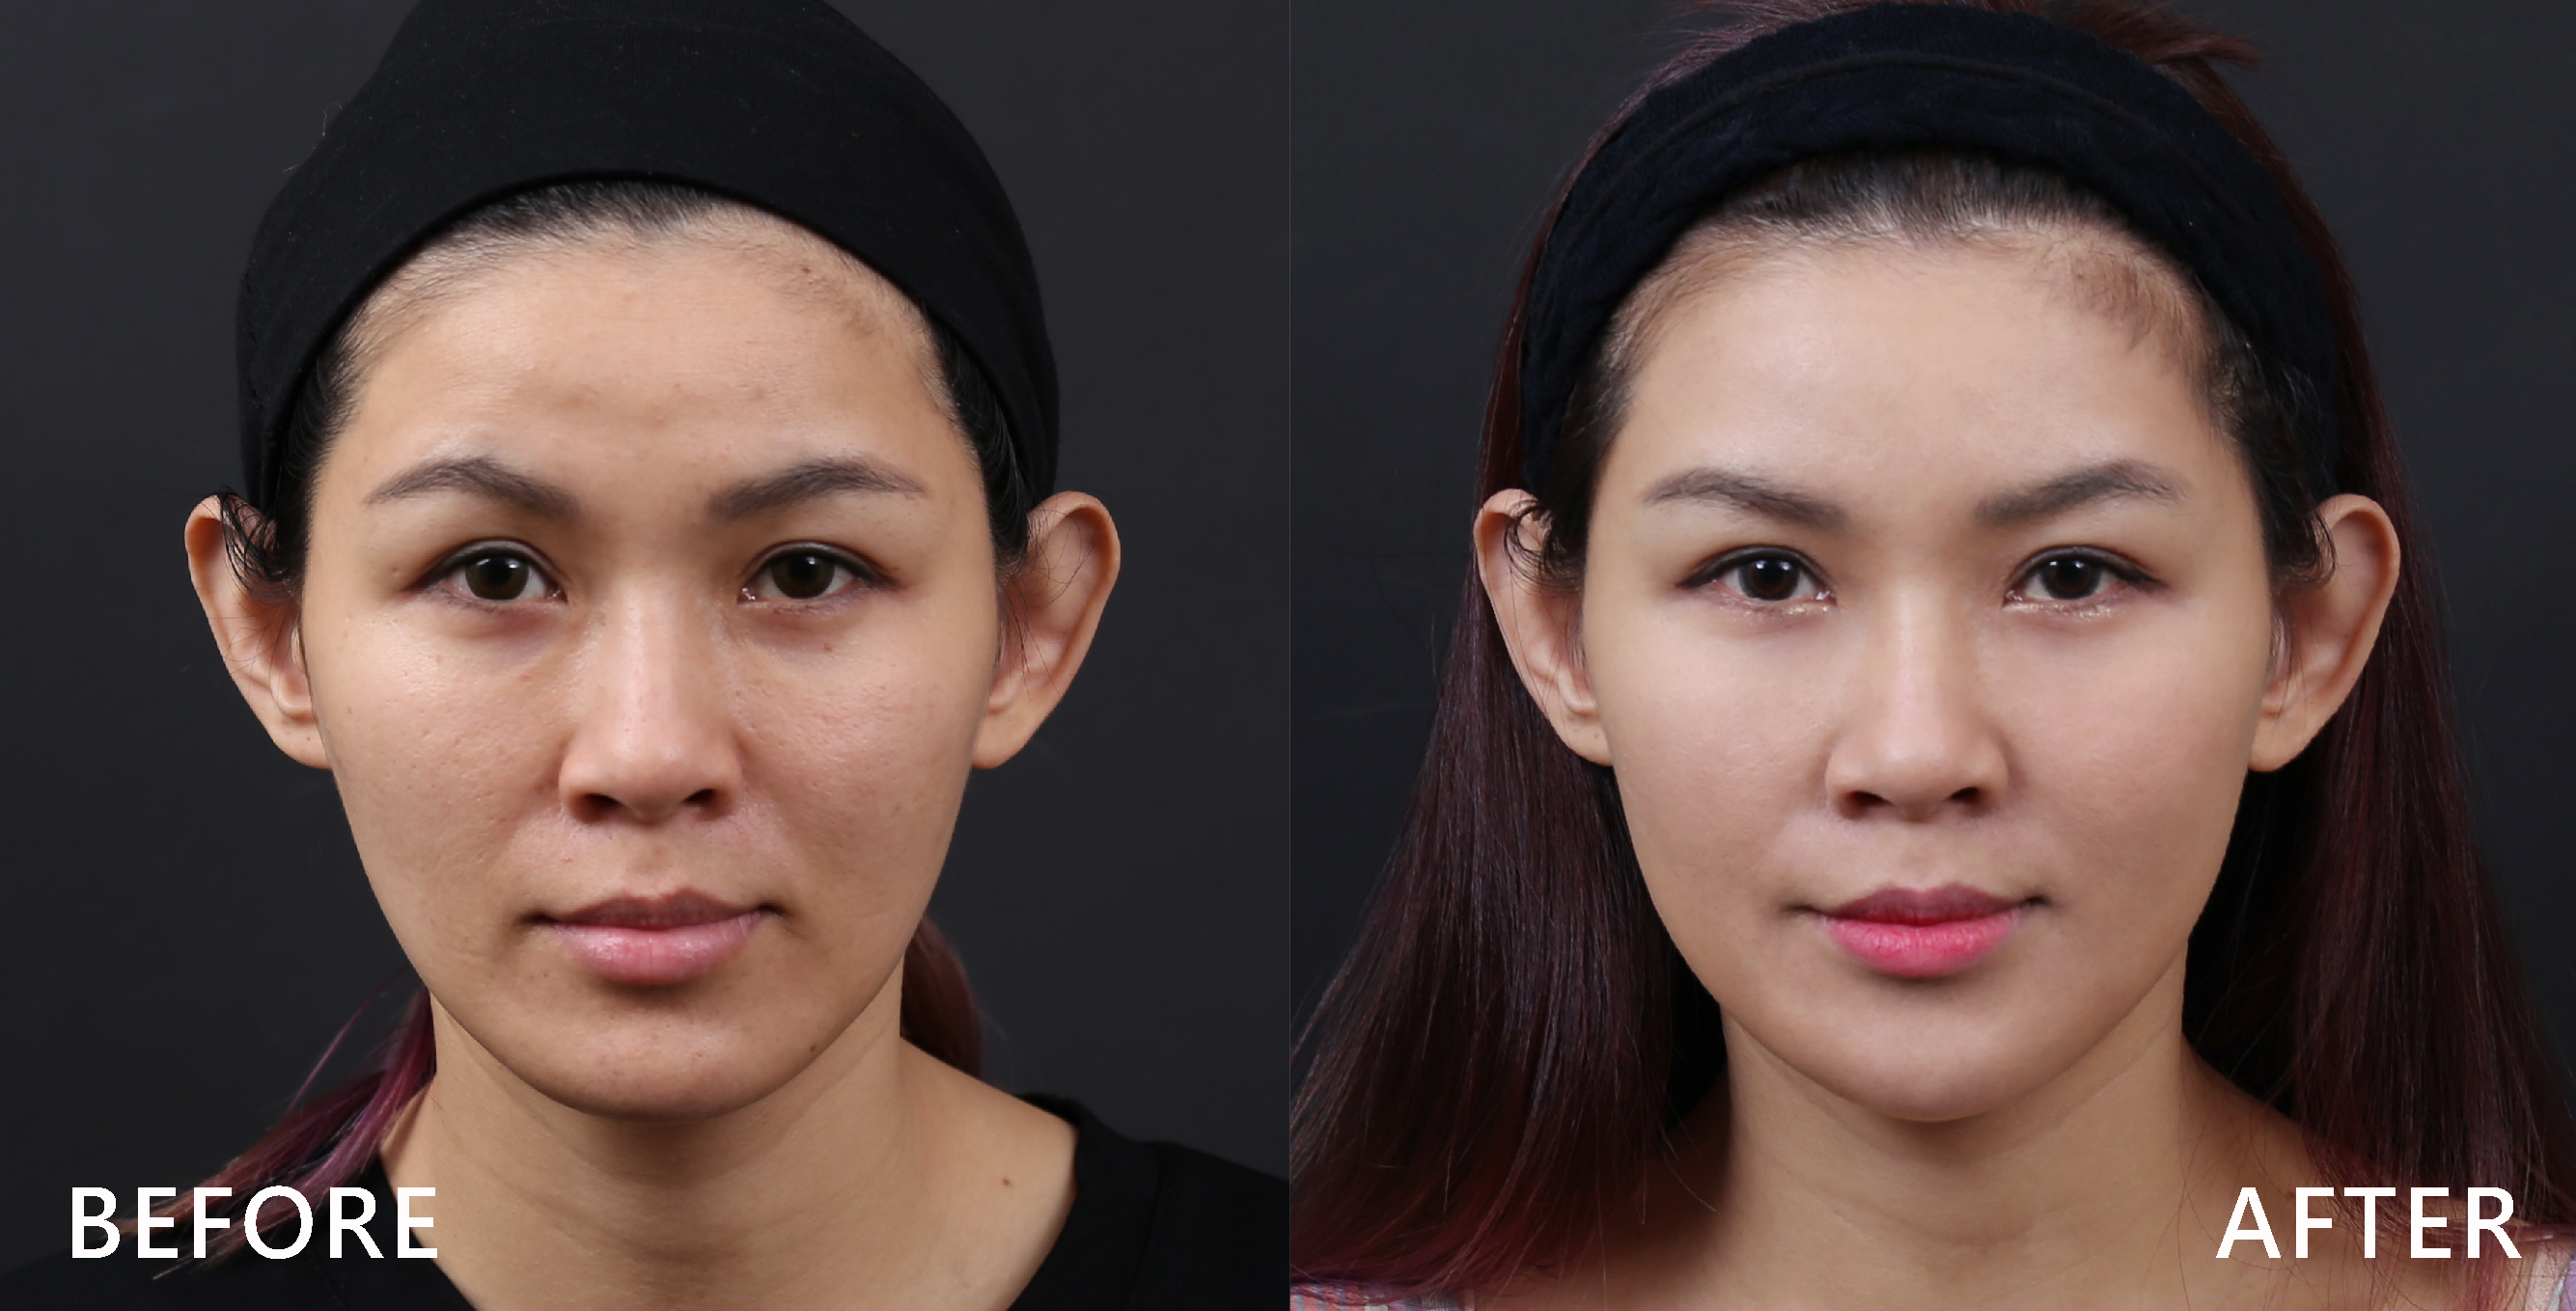 施打完肉毒桿菌素後,修飾臉型,下巴出來了。(本療程施打效果因人而異)